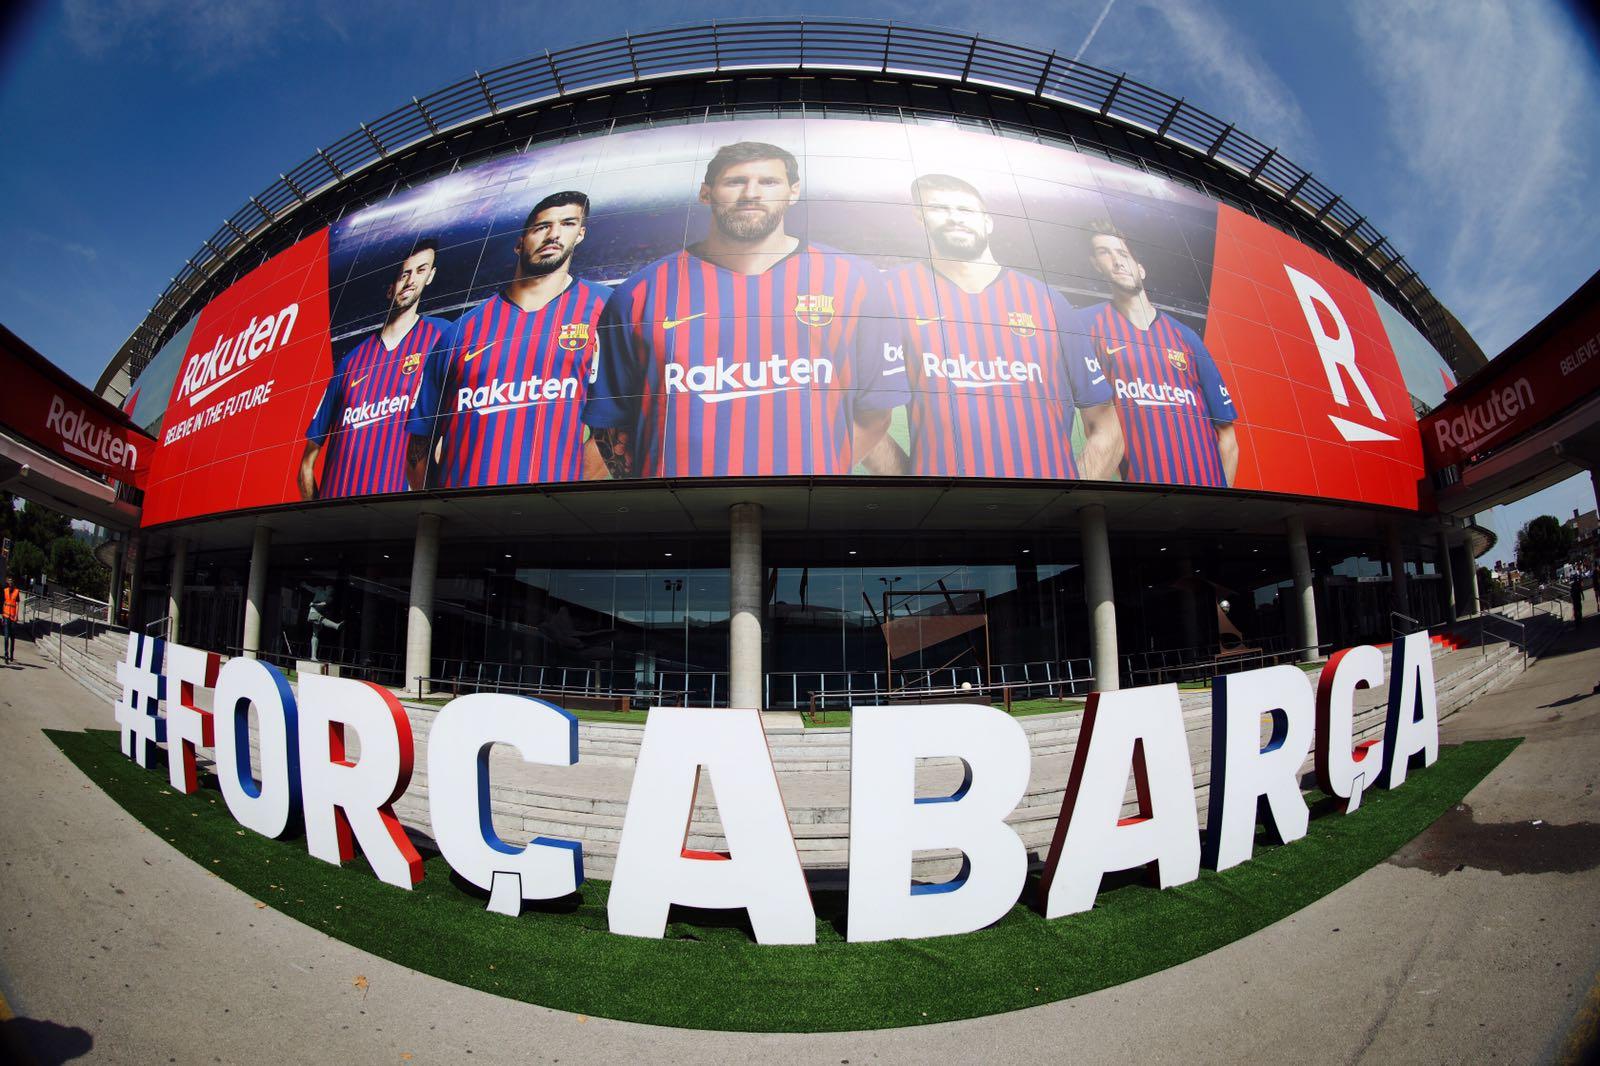 ゚ヤᆬ MATCHDAY!!! ¬レᄑ FC Barcelona v Girona ゚ユル 8:45 pm CET ゚マニ La Liga  ゚モヘ Camp Nou ゚モᄇ #BarᅢᄃaGirona ゚ヤᄉ゚ヤᄡ #ForᅢᄃaBarᅢᄃa https://t.co/40QMVLfQFc